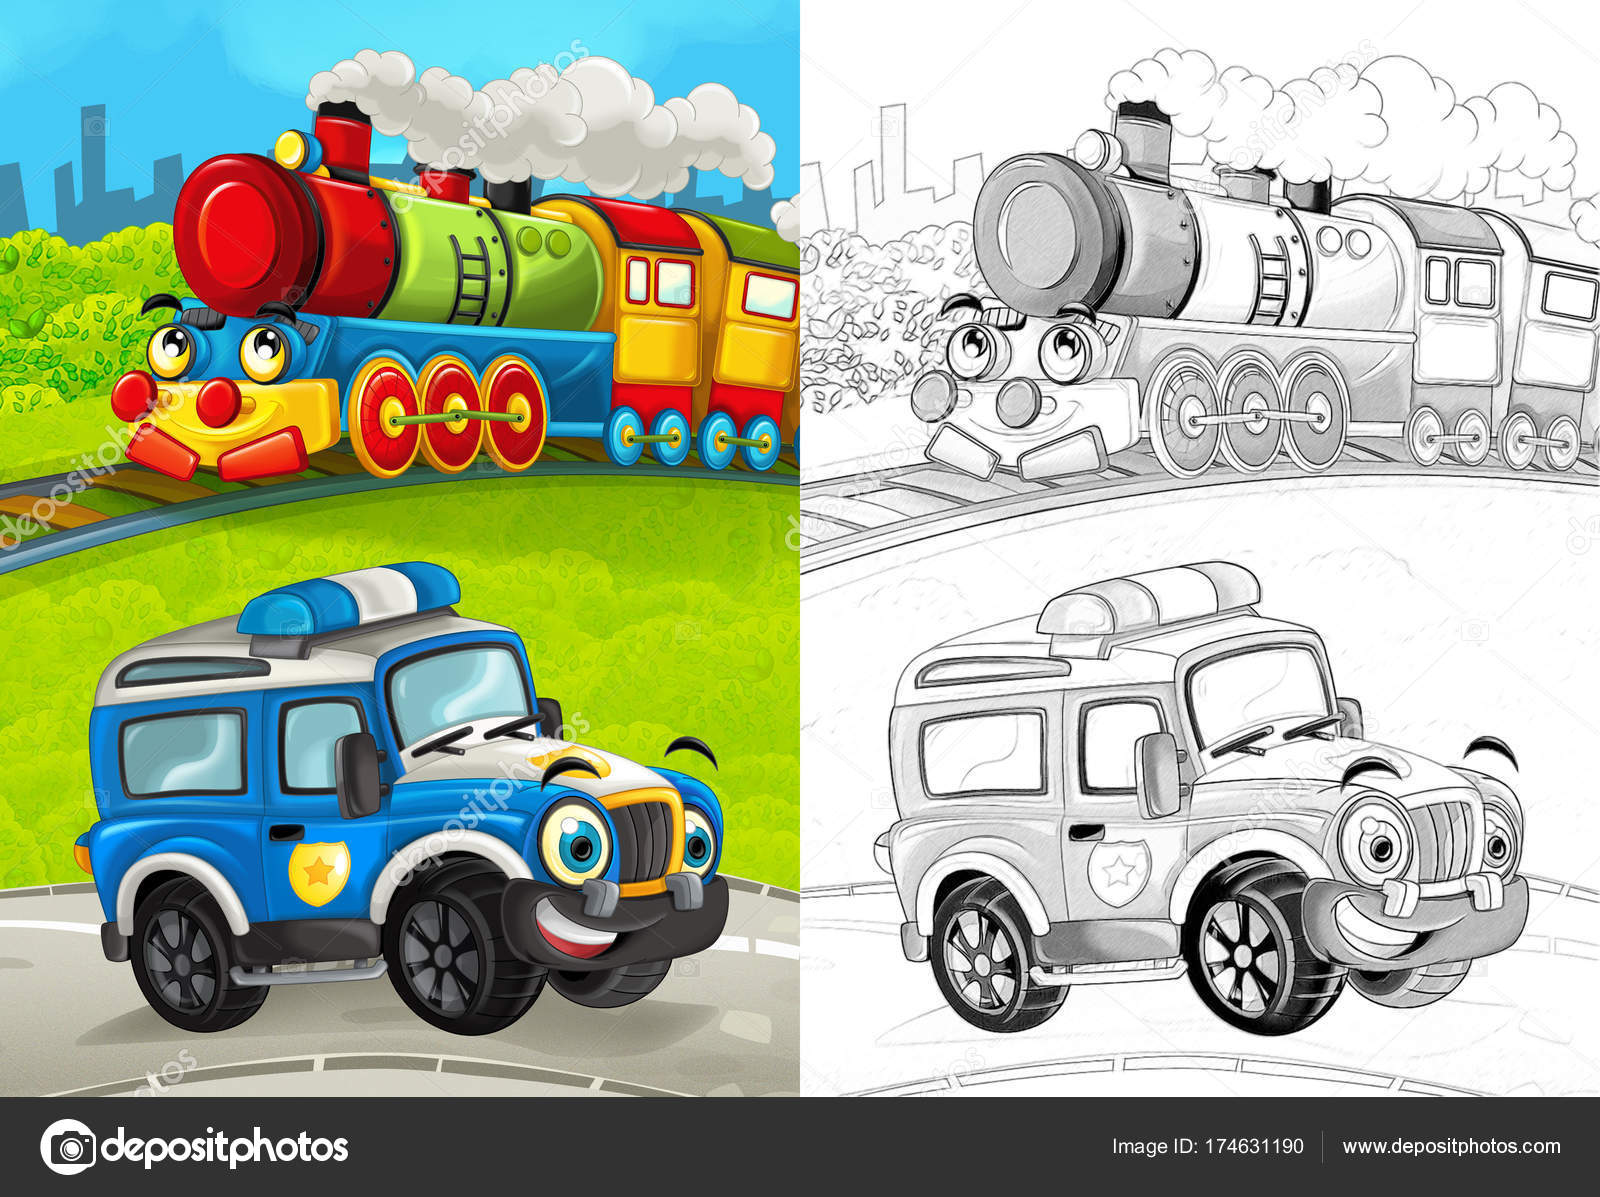 Kleurplaten Voertuigen Trein.Cartoon Scene Met Gelukkig Politie Auto Weg Trein Met Kleurplaten